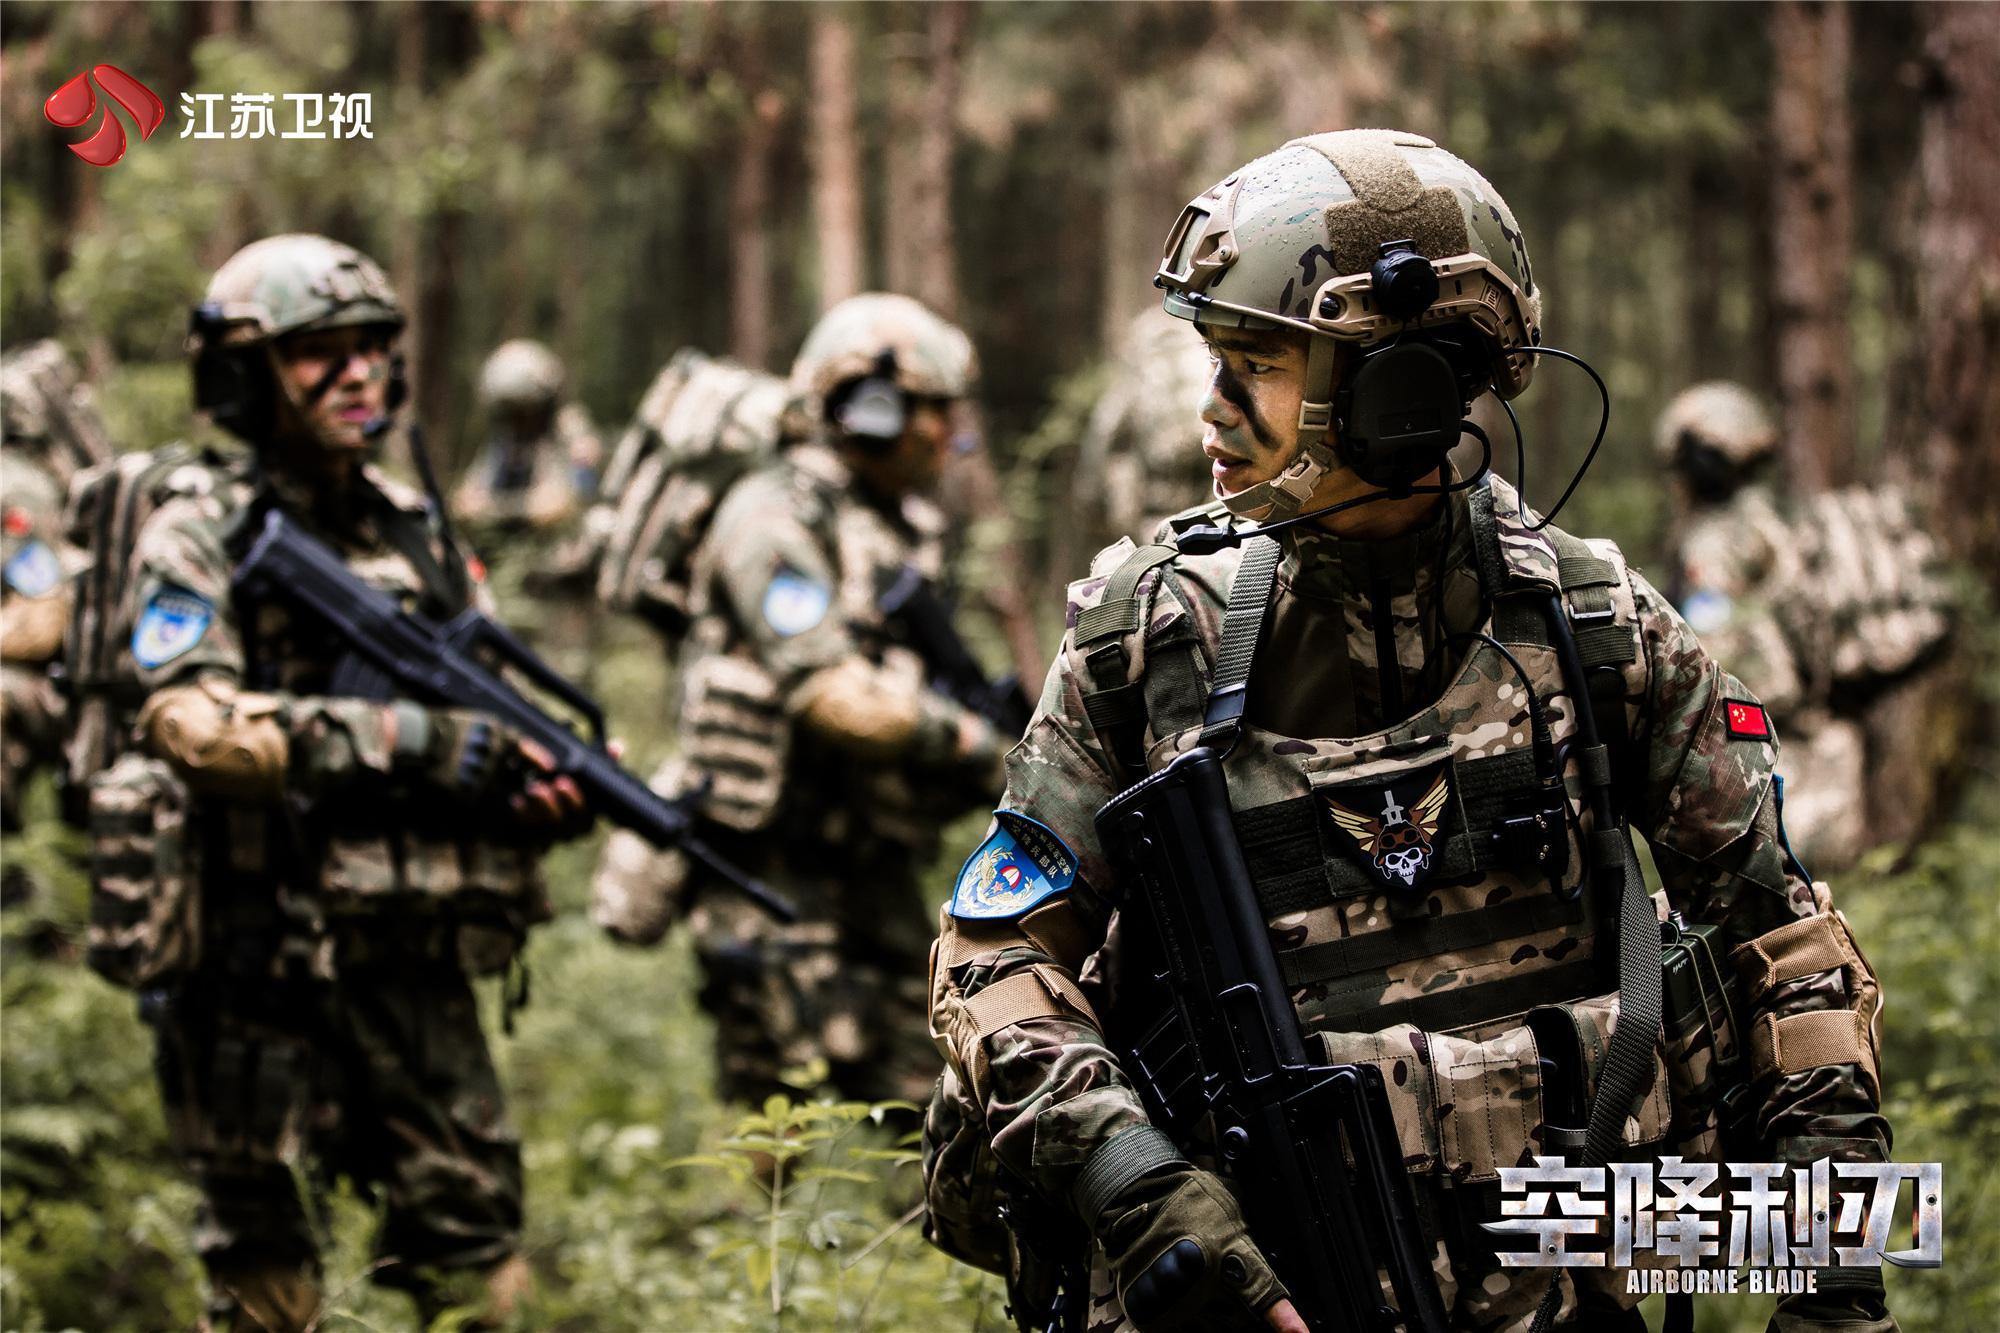 《空降利刃》今晚登陆江苏卫视 全方位展现空降特种兵生活